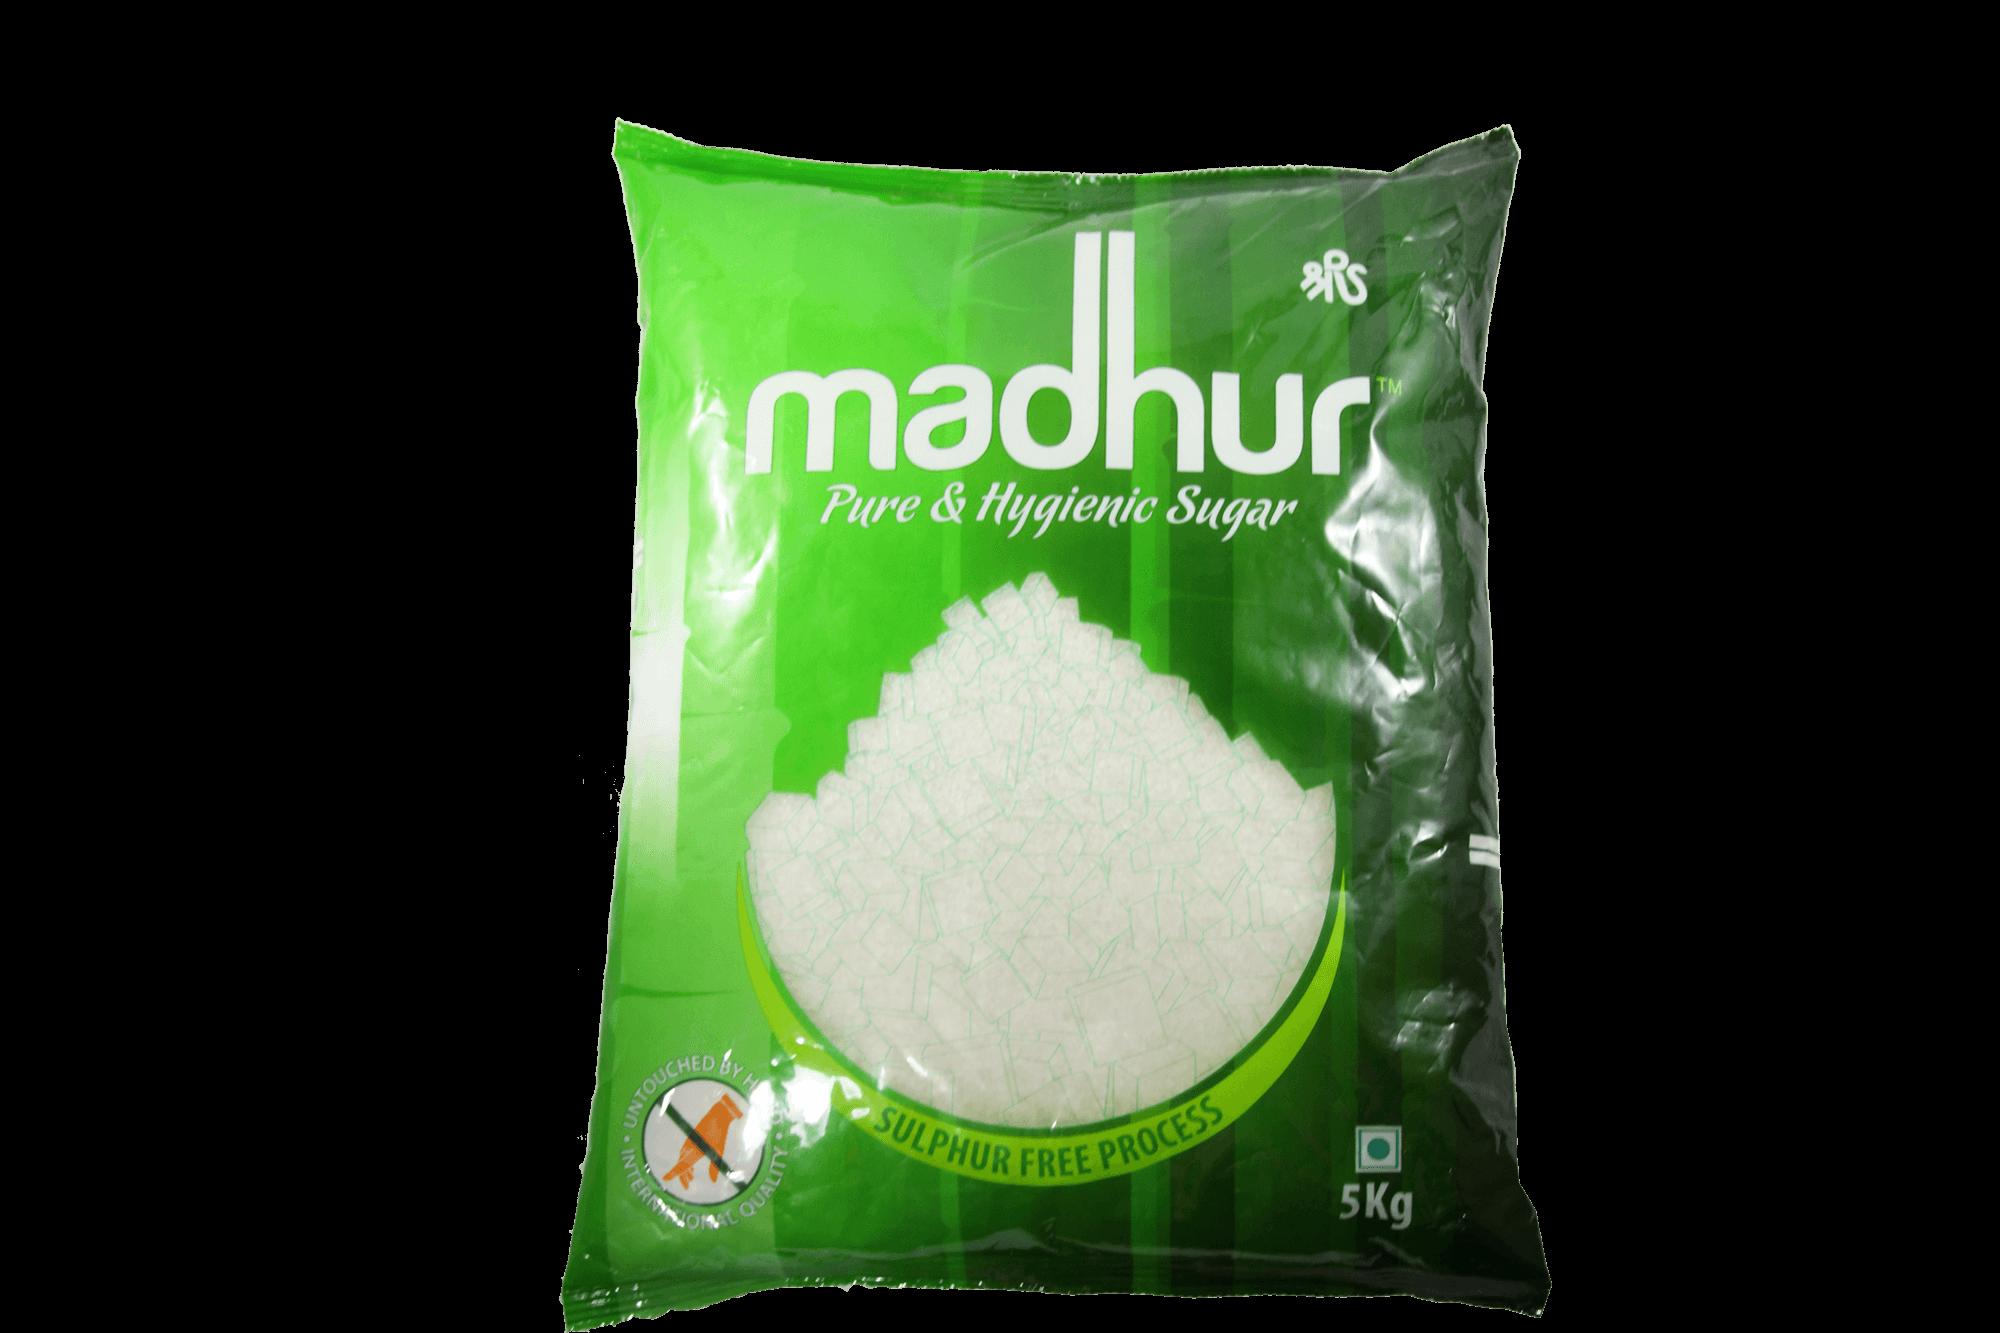 Madhur Sugar Image